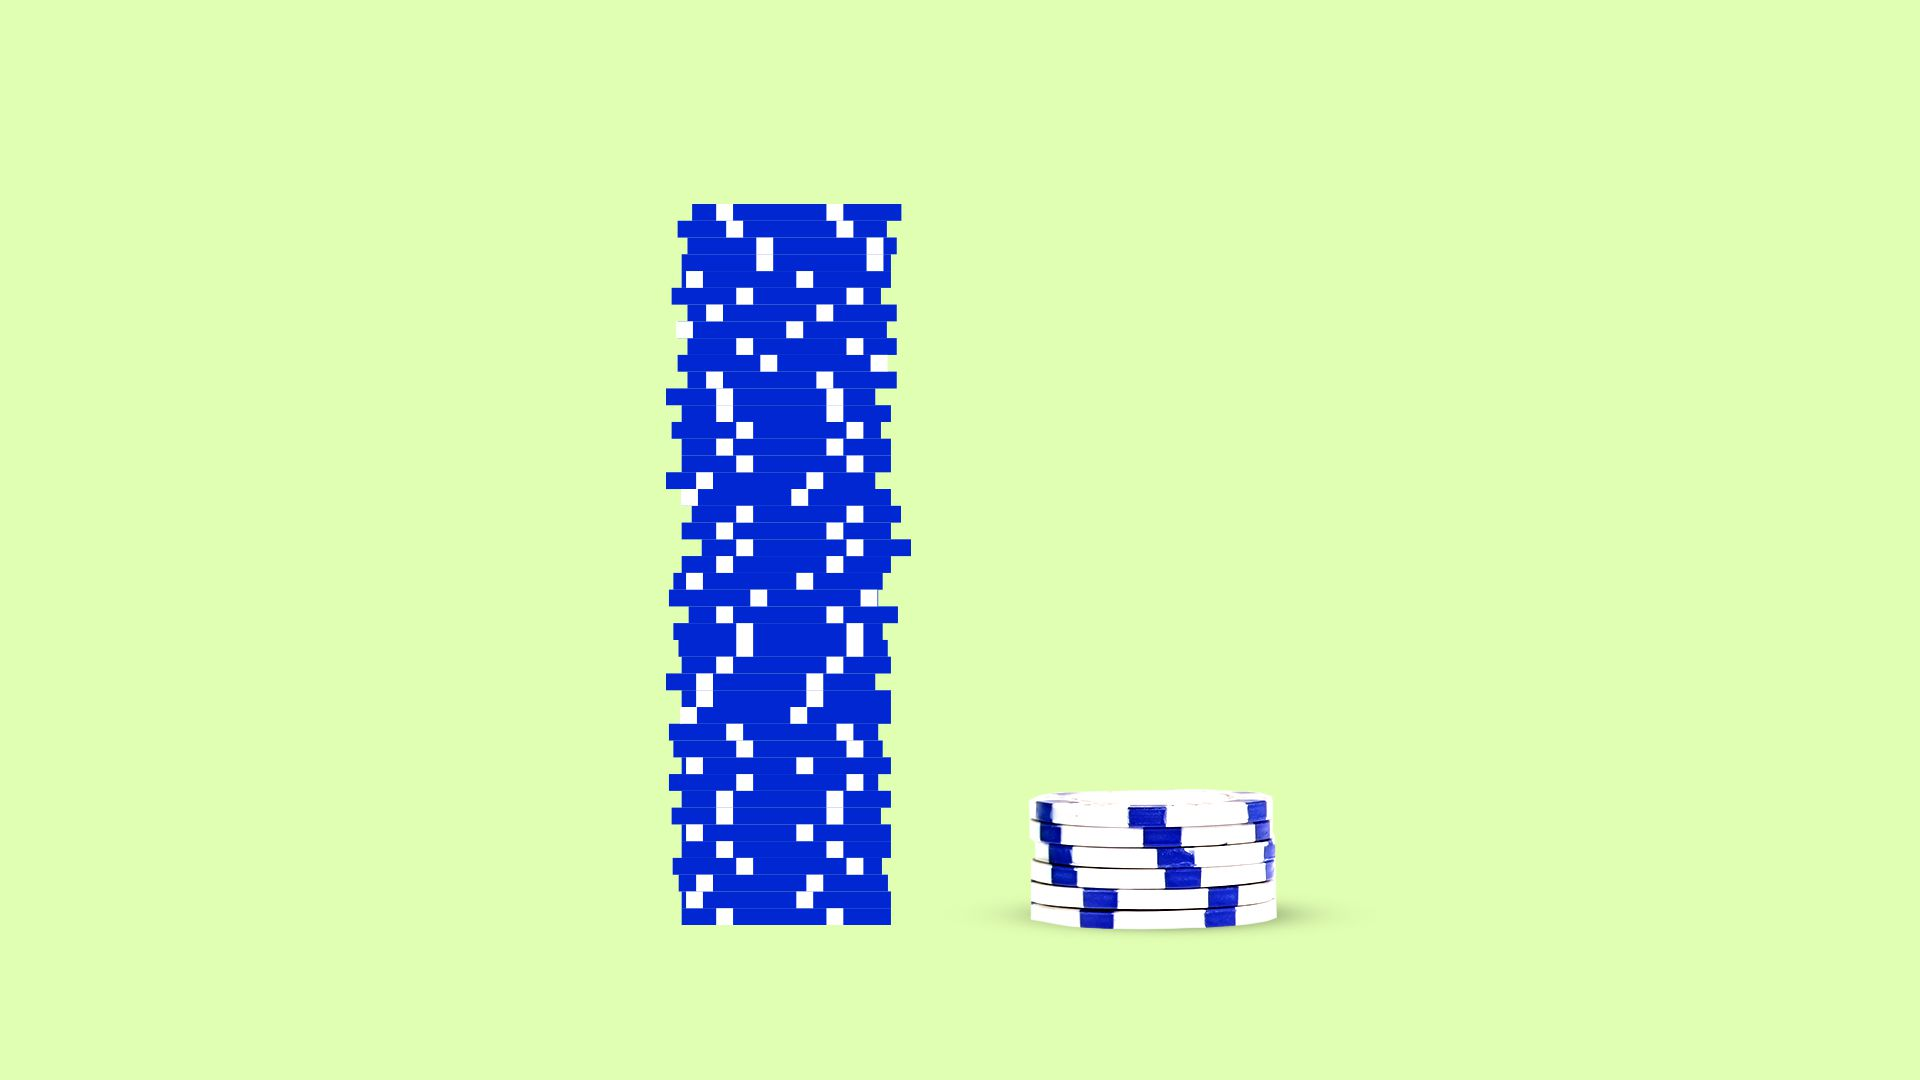 Illustration of a stack of digital poker chips next to a smaller stack of real poker chips